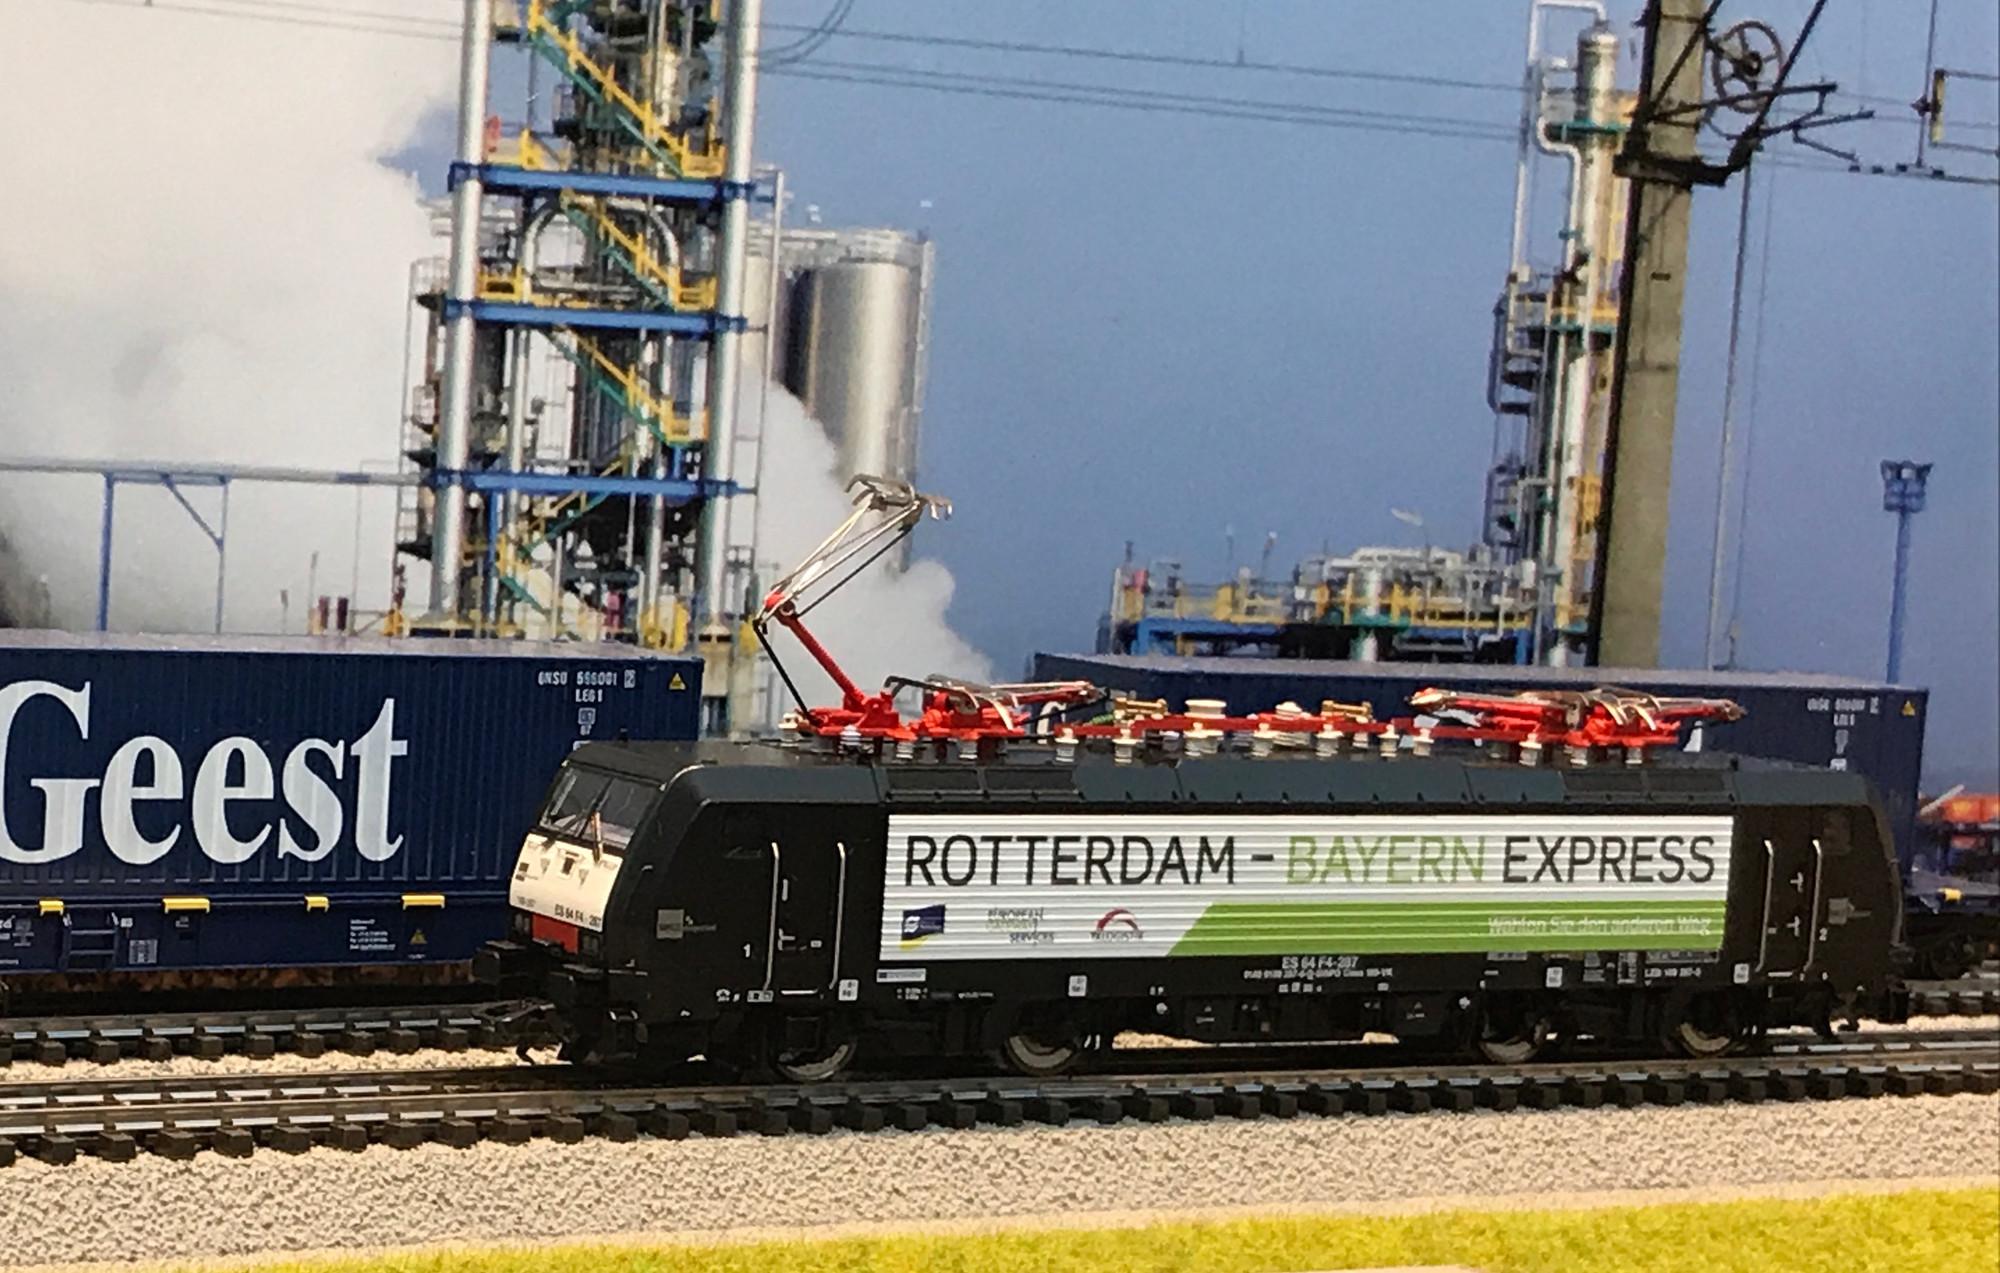 Rotterdam-Bayern Express